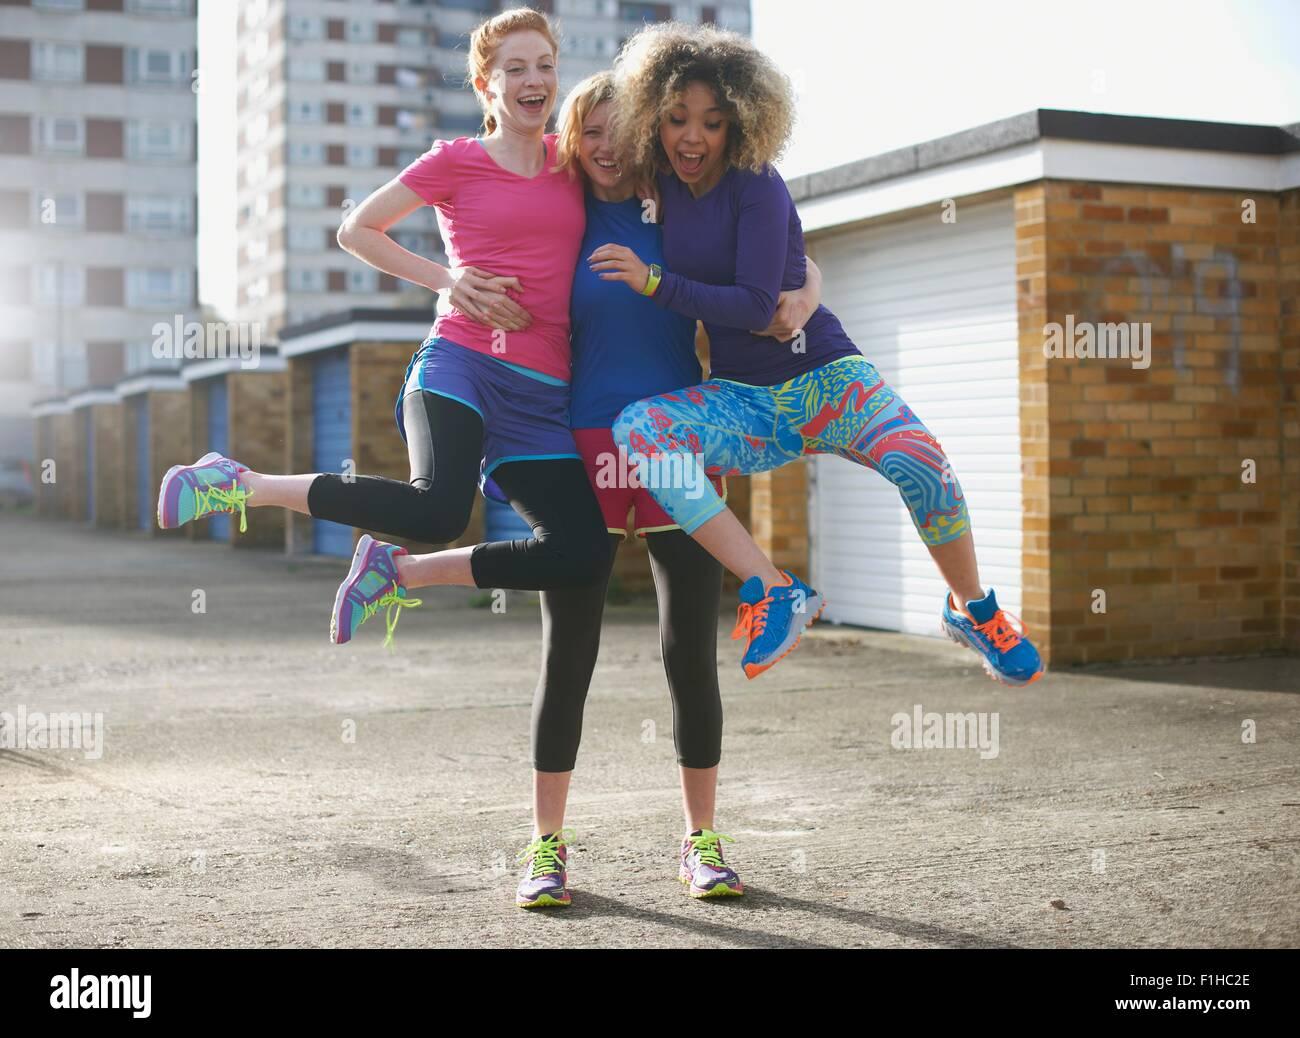 Portrait de trois femmes portant des vêtements de sport jumping Photo Stock